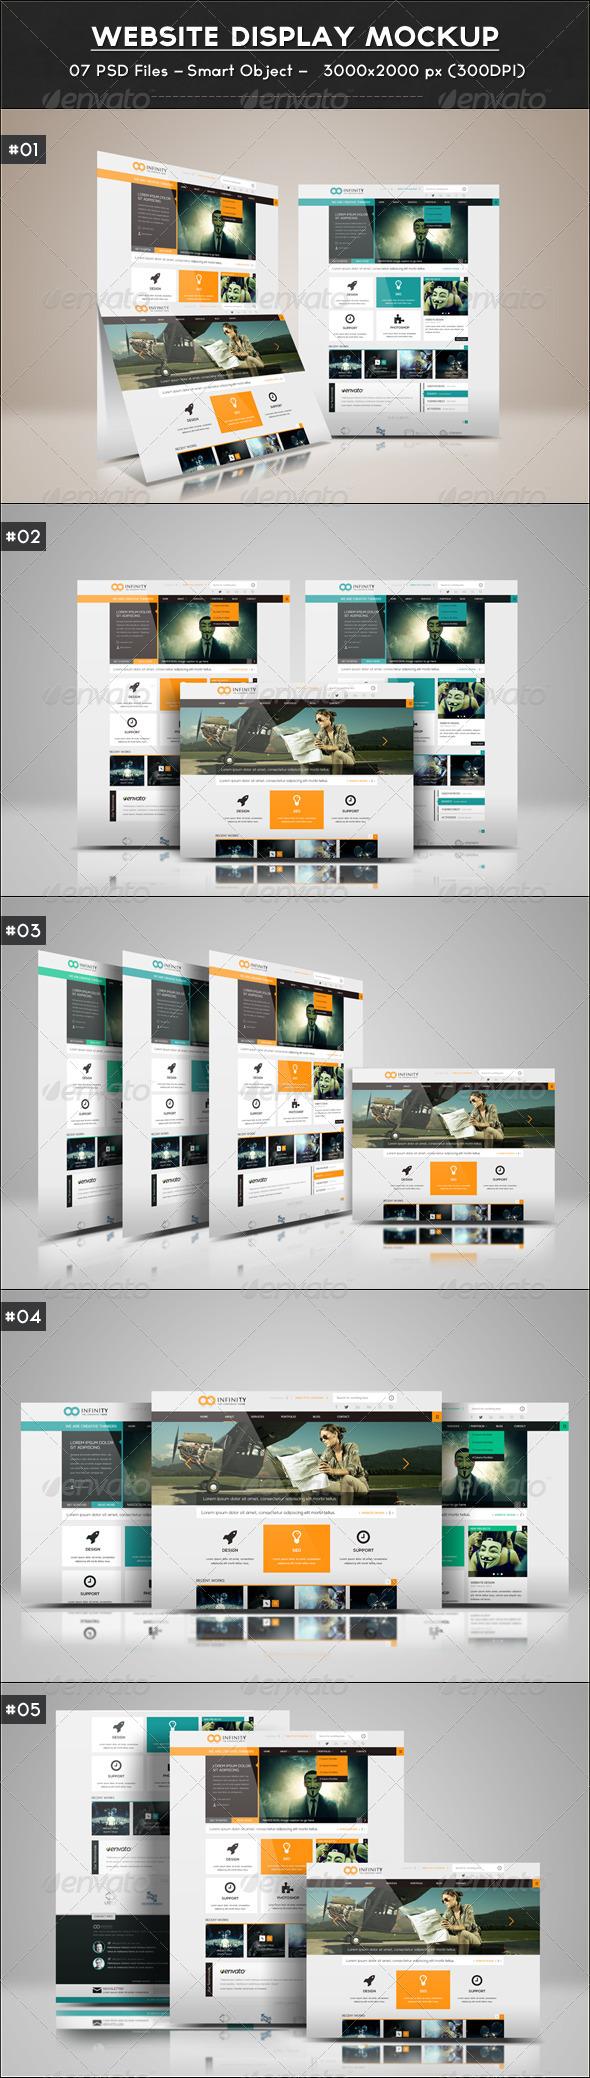 Website Display Mockup - Website Displays